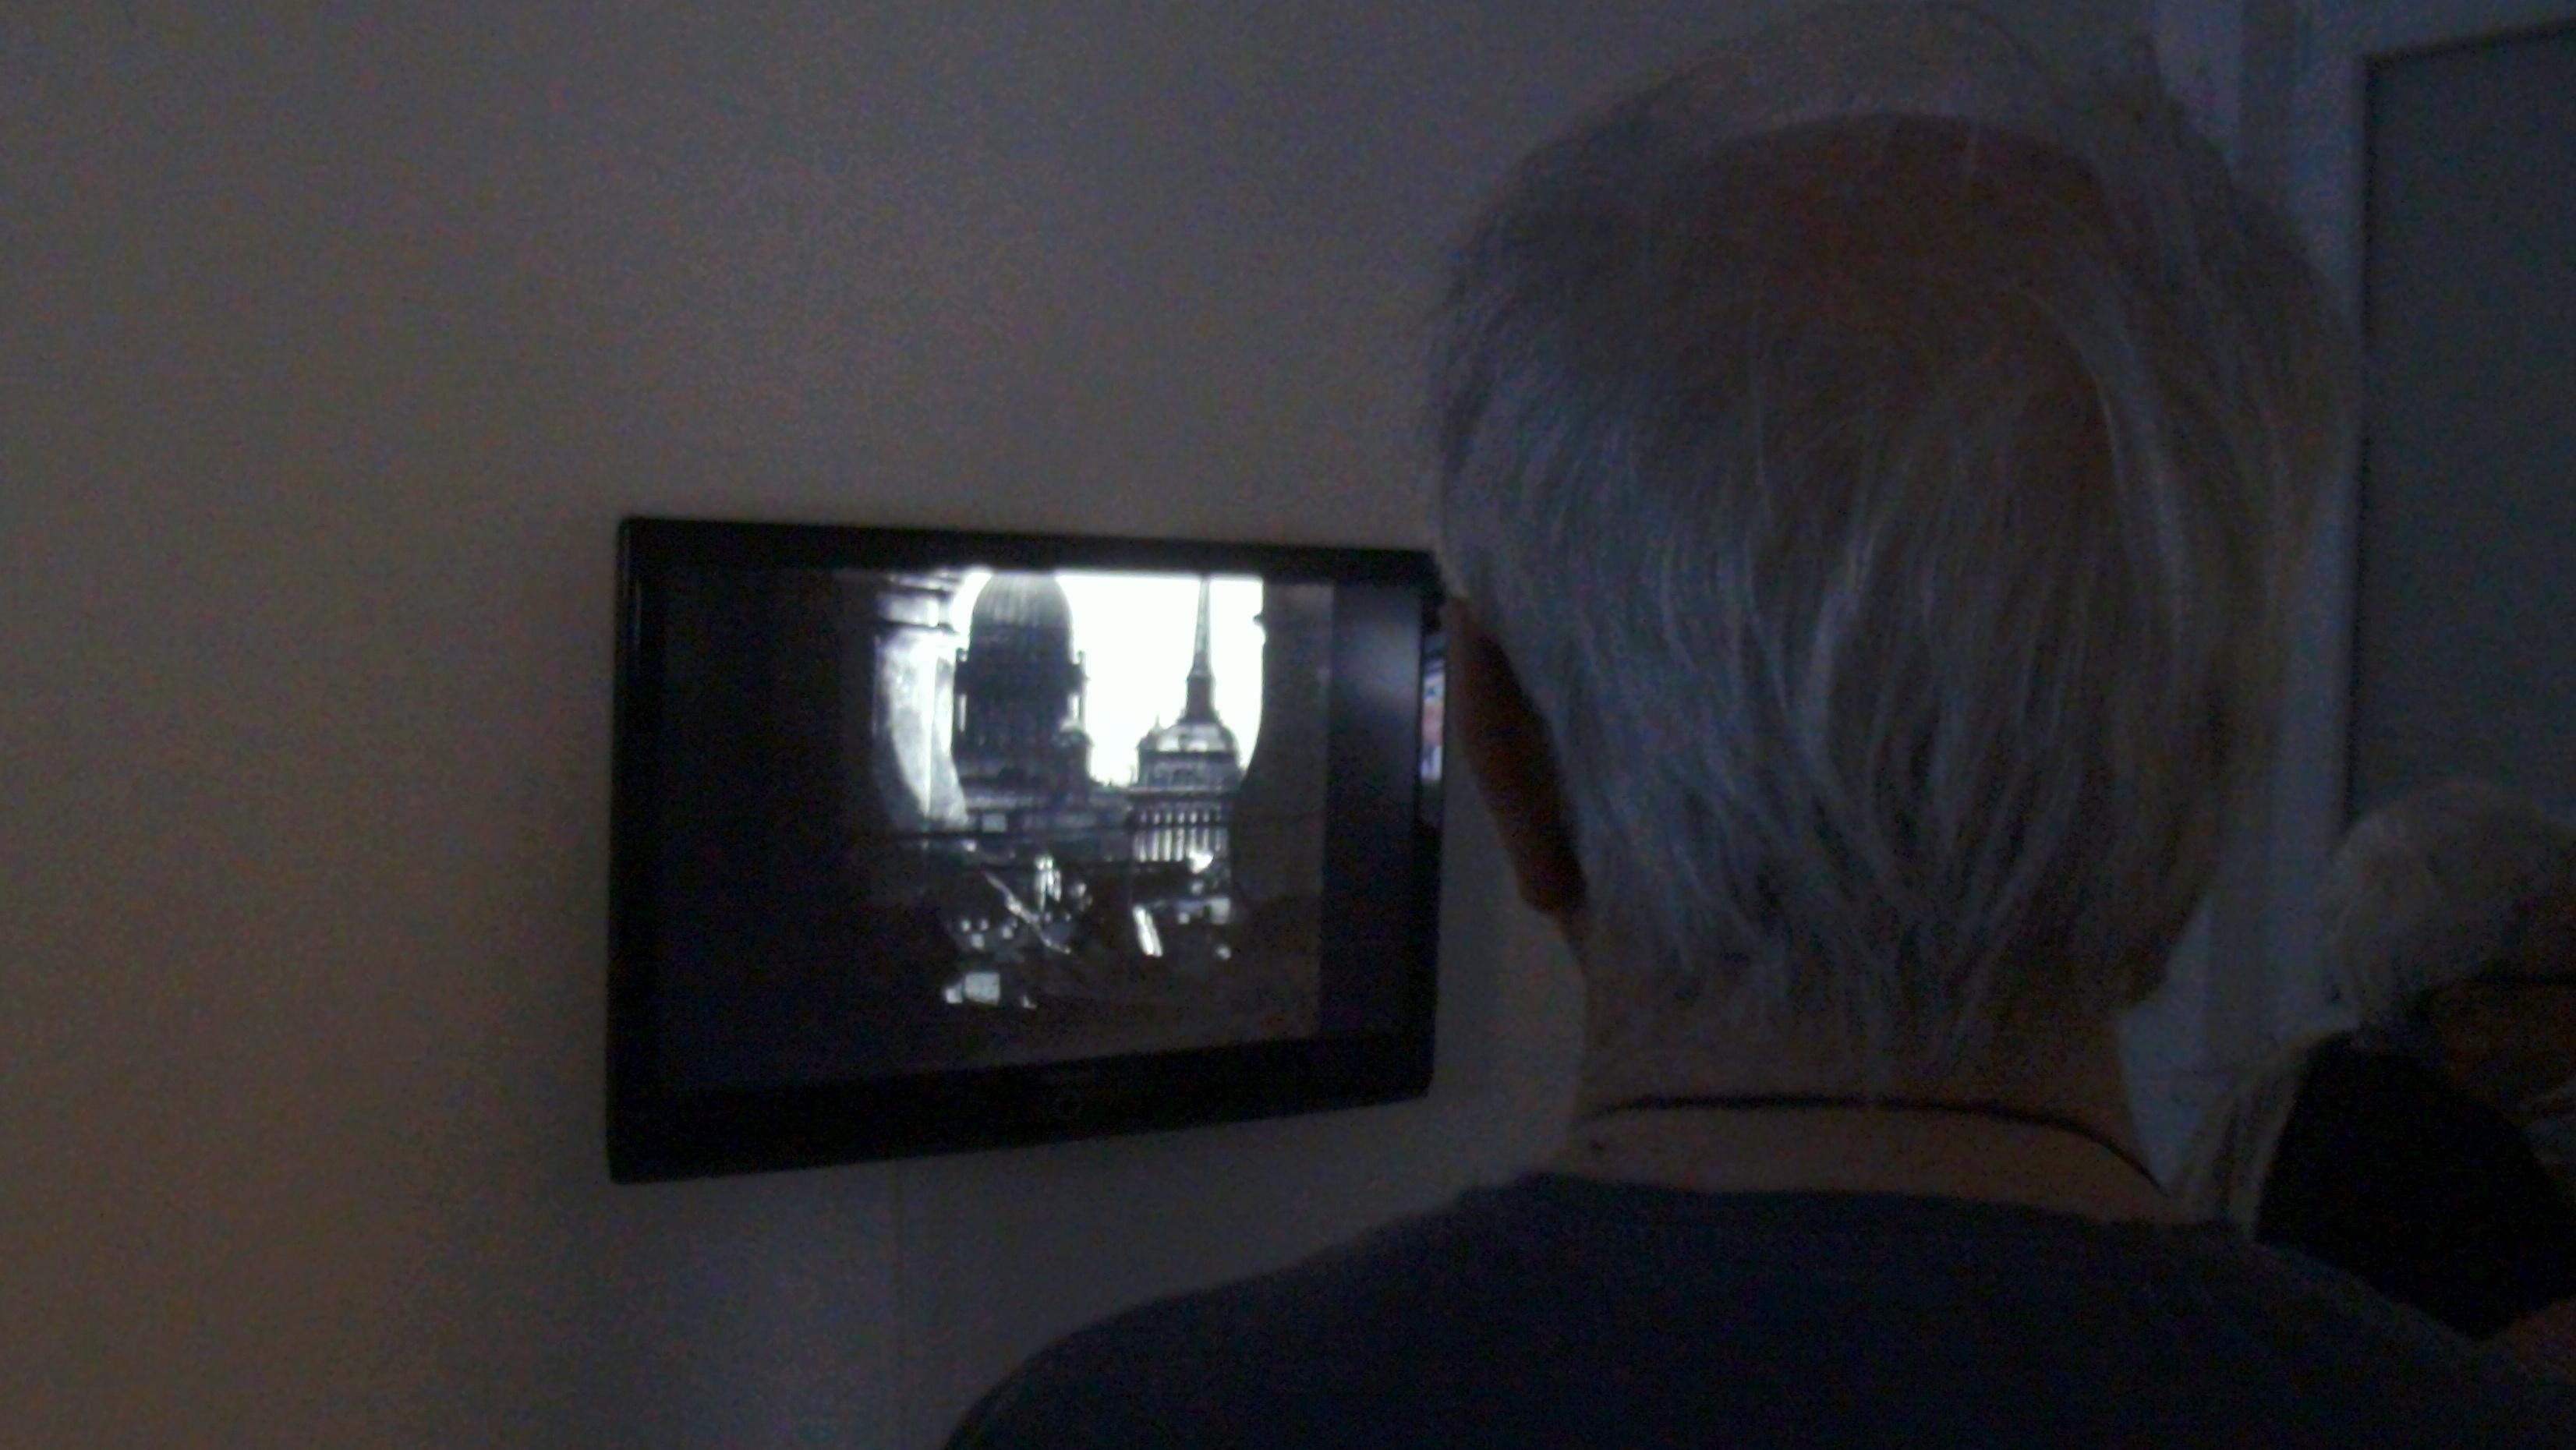 """Филмът на Айзенщайн """"Октомври"""" може да се каже, че бе блатът, ако си представивм, че такава изложба би могла да бъде метафоризирана като сладкарско изделие"""